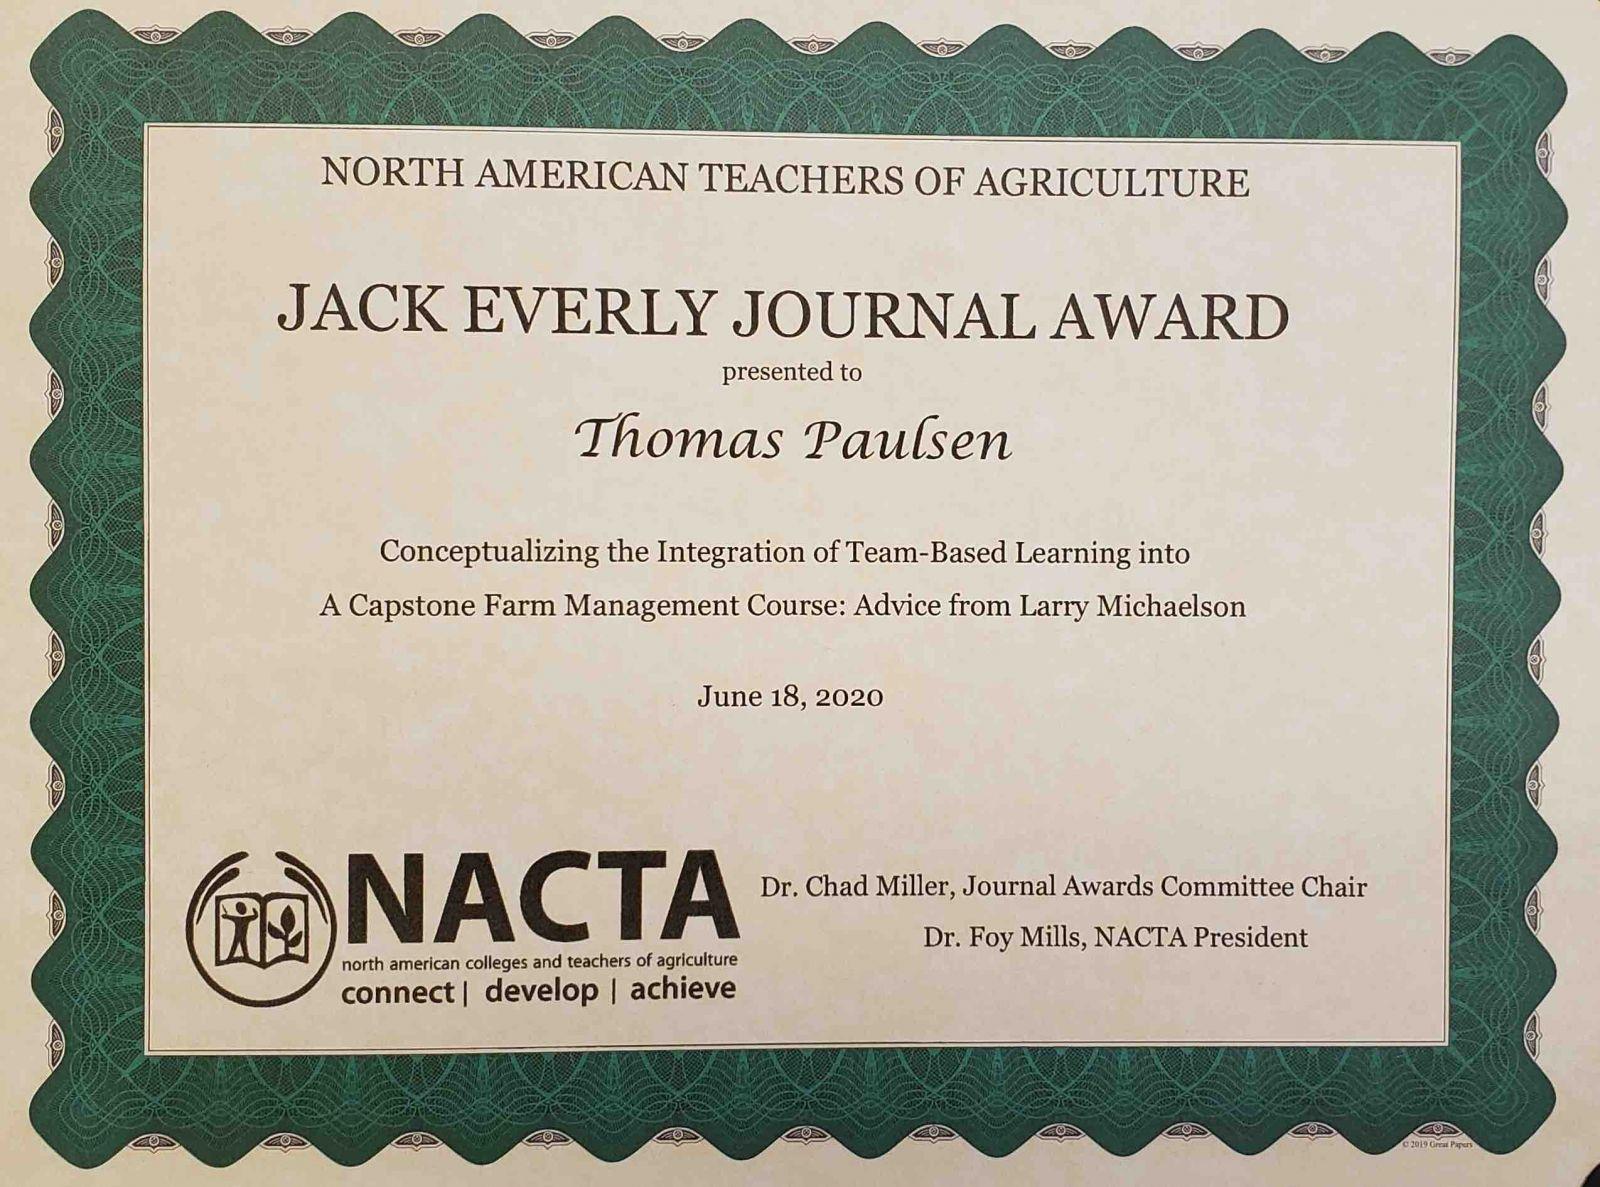 jack everly jounral award 2020 website